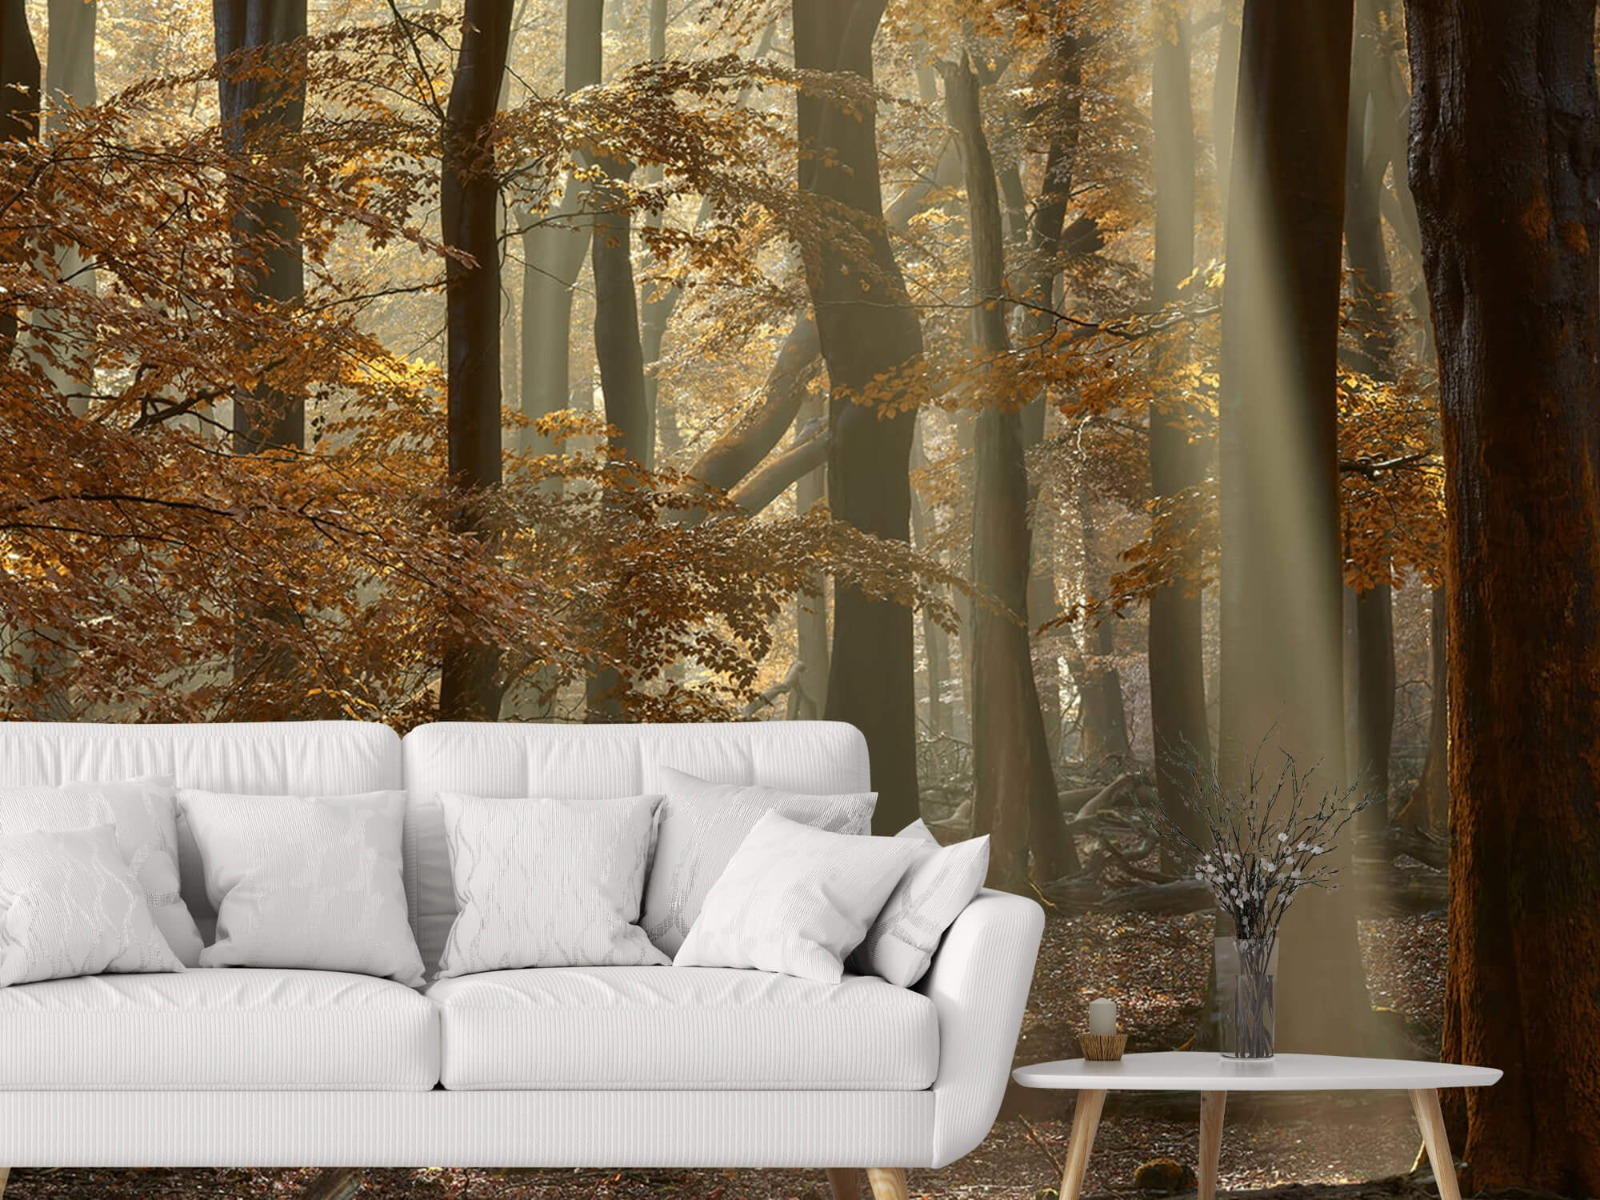 Bos behang - Herfstkleuren in het bos - Slaapkamer 6